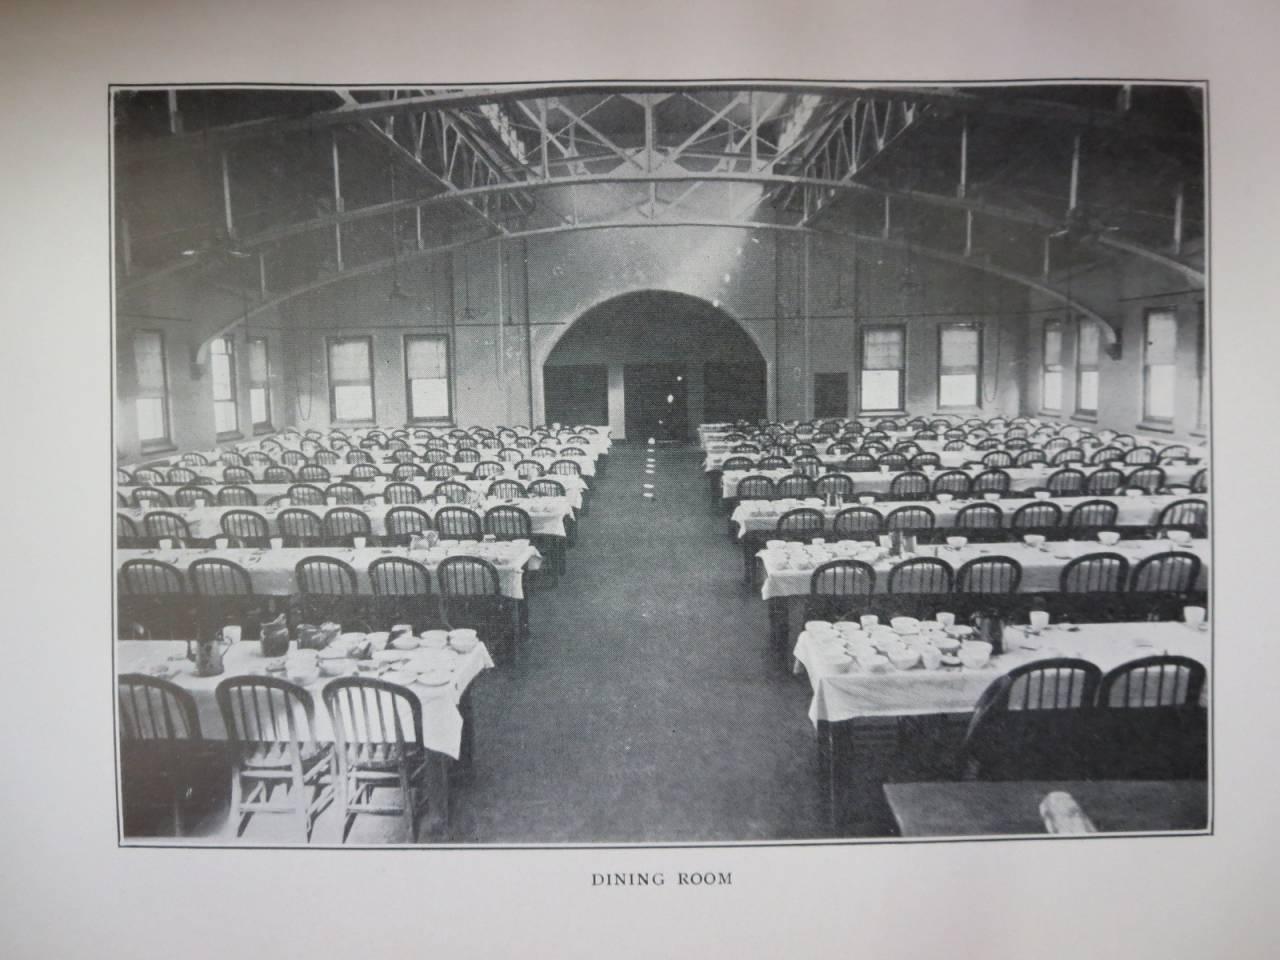 Ám ảnh bệnh viện tâm thần từ thế kỷ 19 - 6